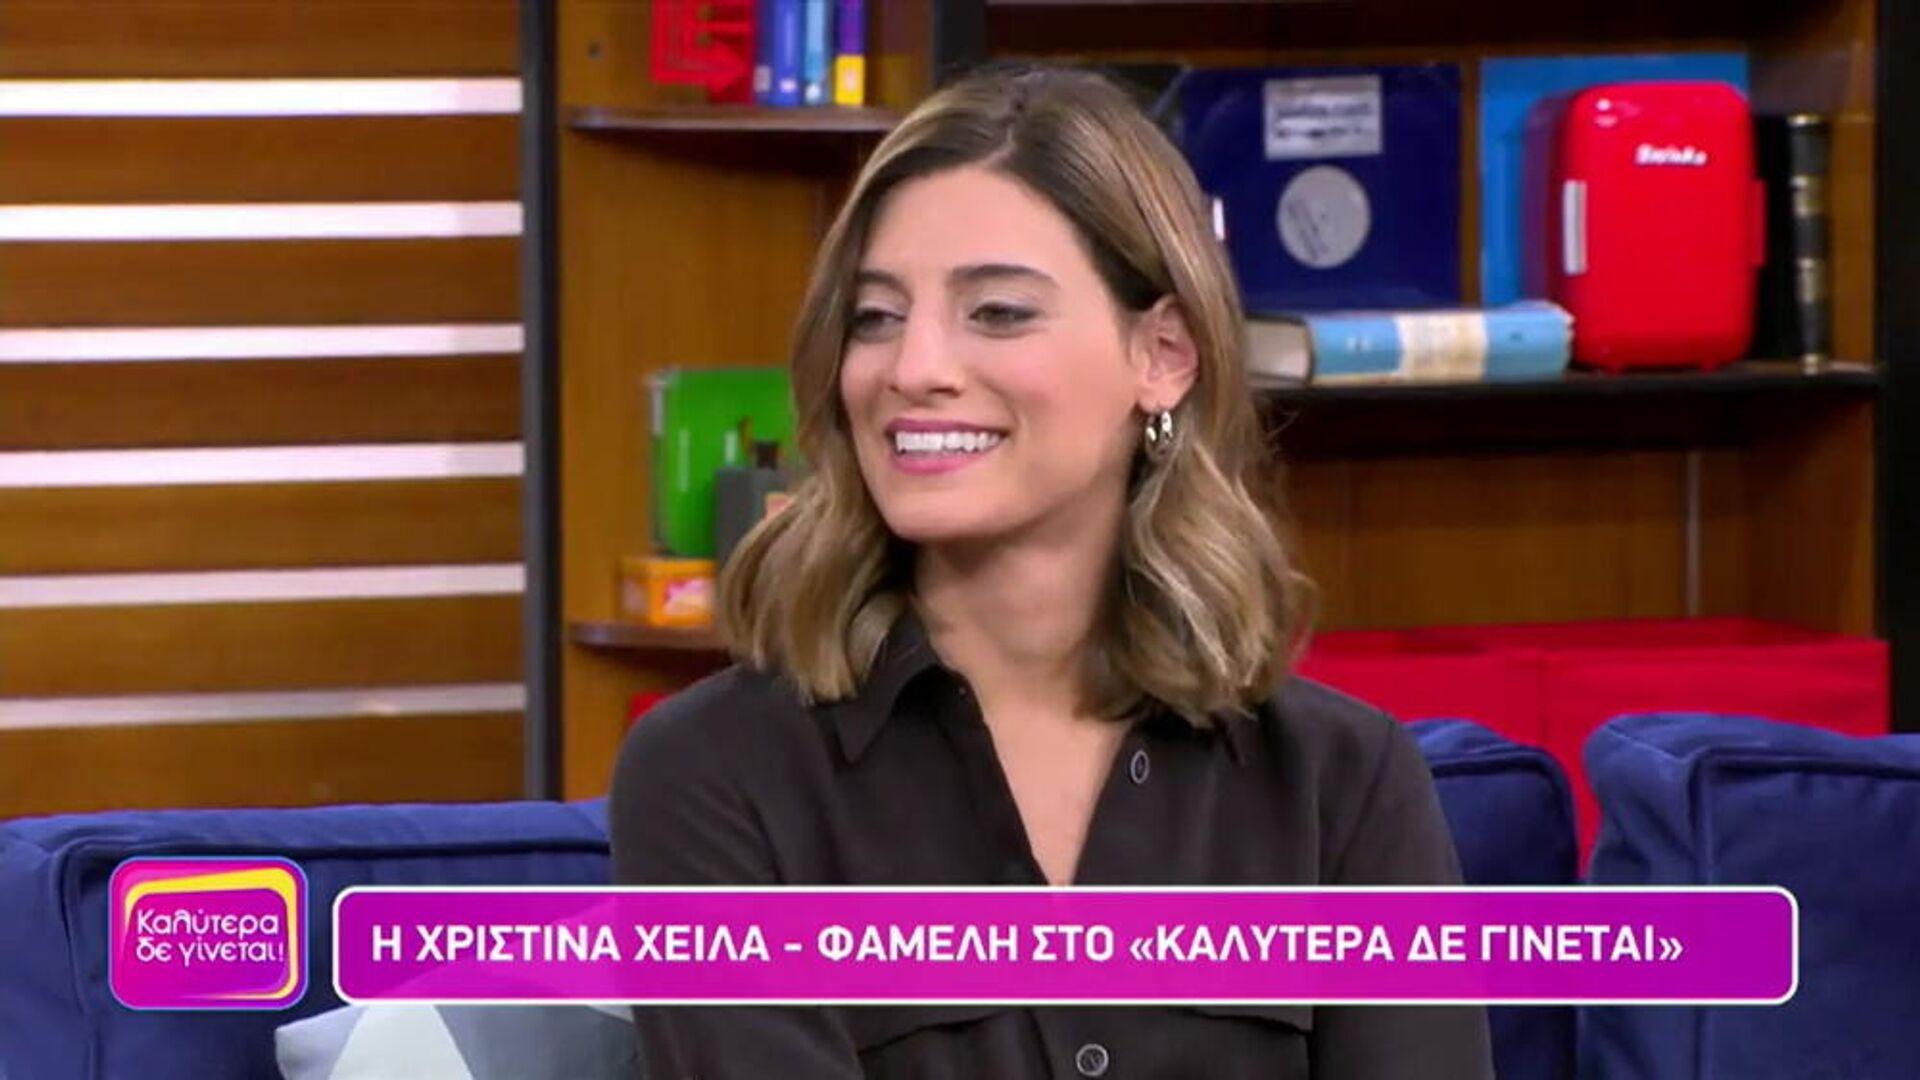 Η Χριστίνα Χειλά-Φαμέλη στην εκπομπή «Καλύτερα Δεν Γίνεται» (ALPHA), 3 Οκτωβρίου 2021 - Sputnik Ελλάδα, 1920, 04.10.2021